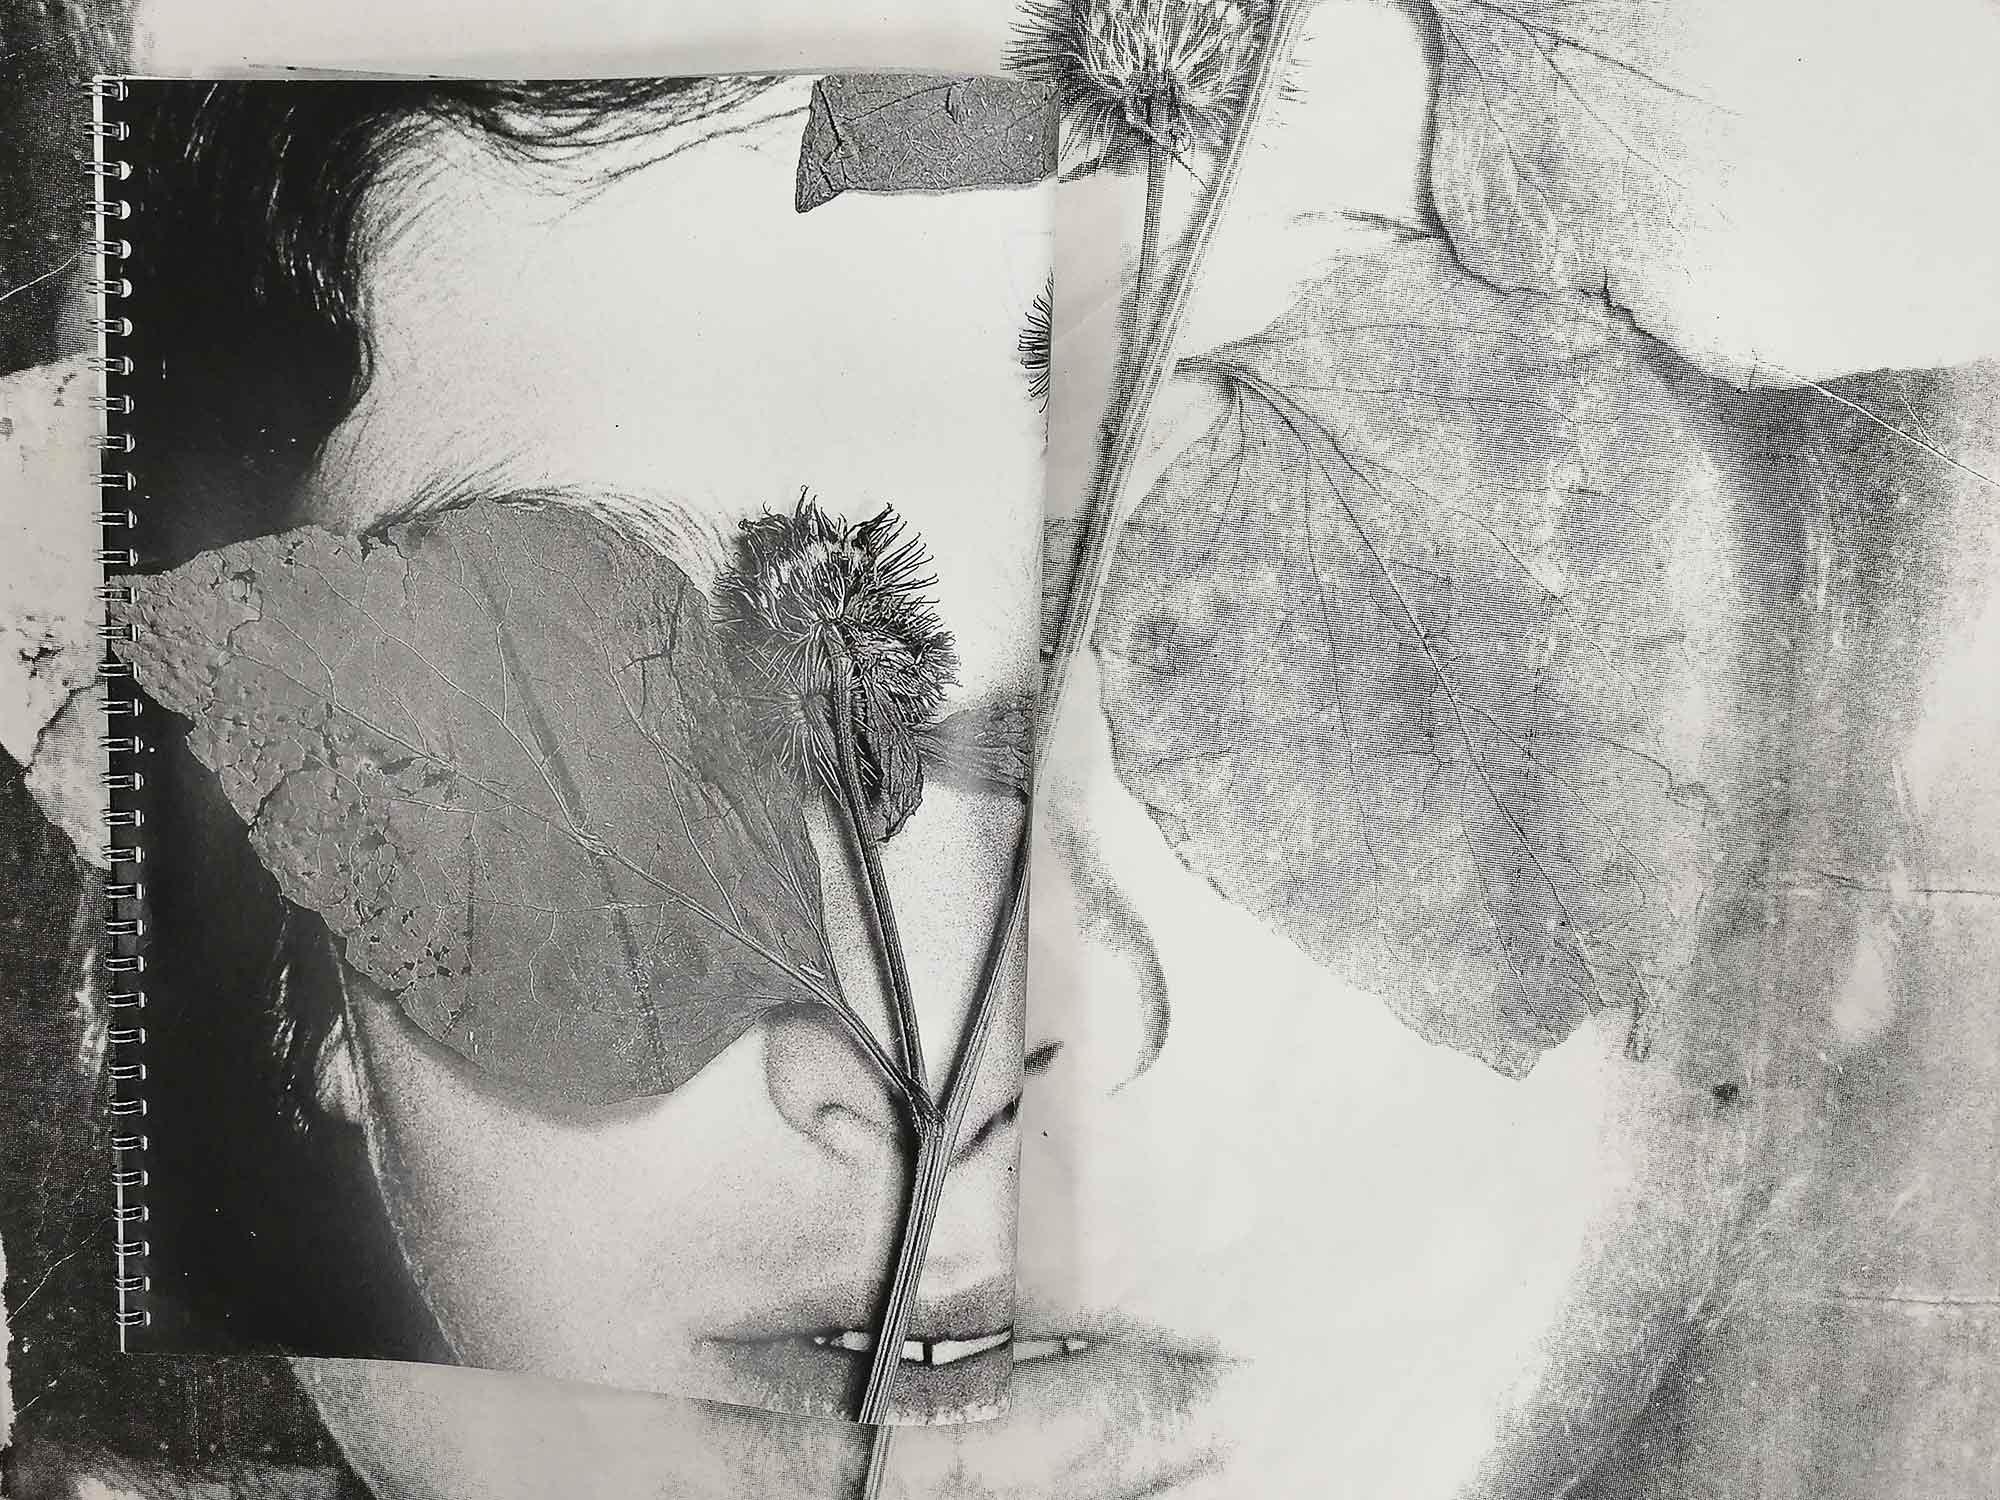 flora-mccallica-wire-ed-01